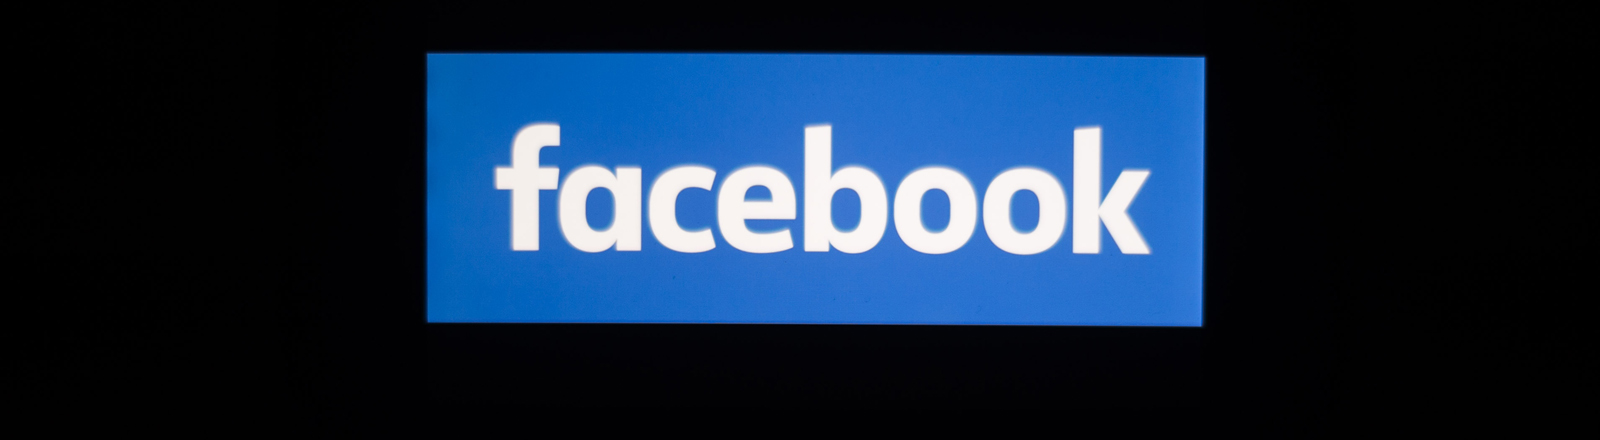 Facebook-Logo vor schwarzem Hintergrund